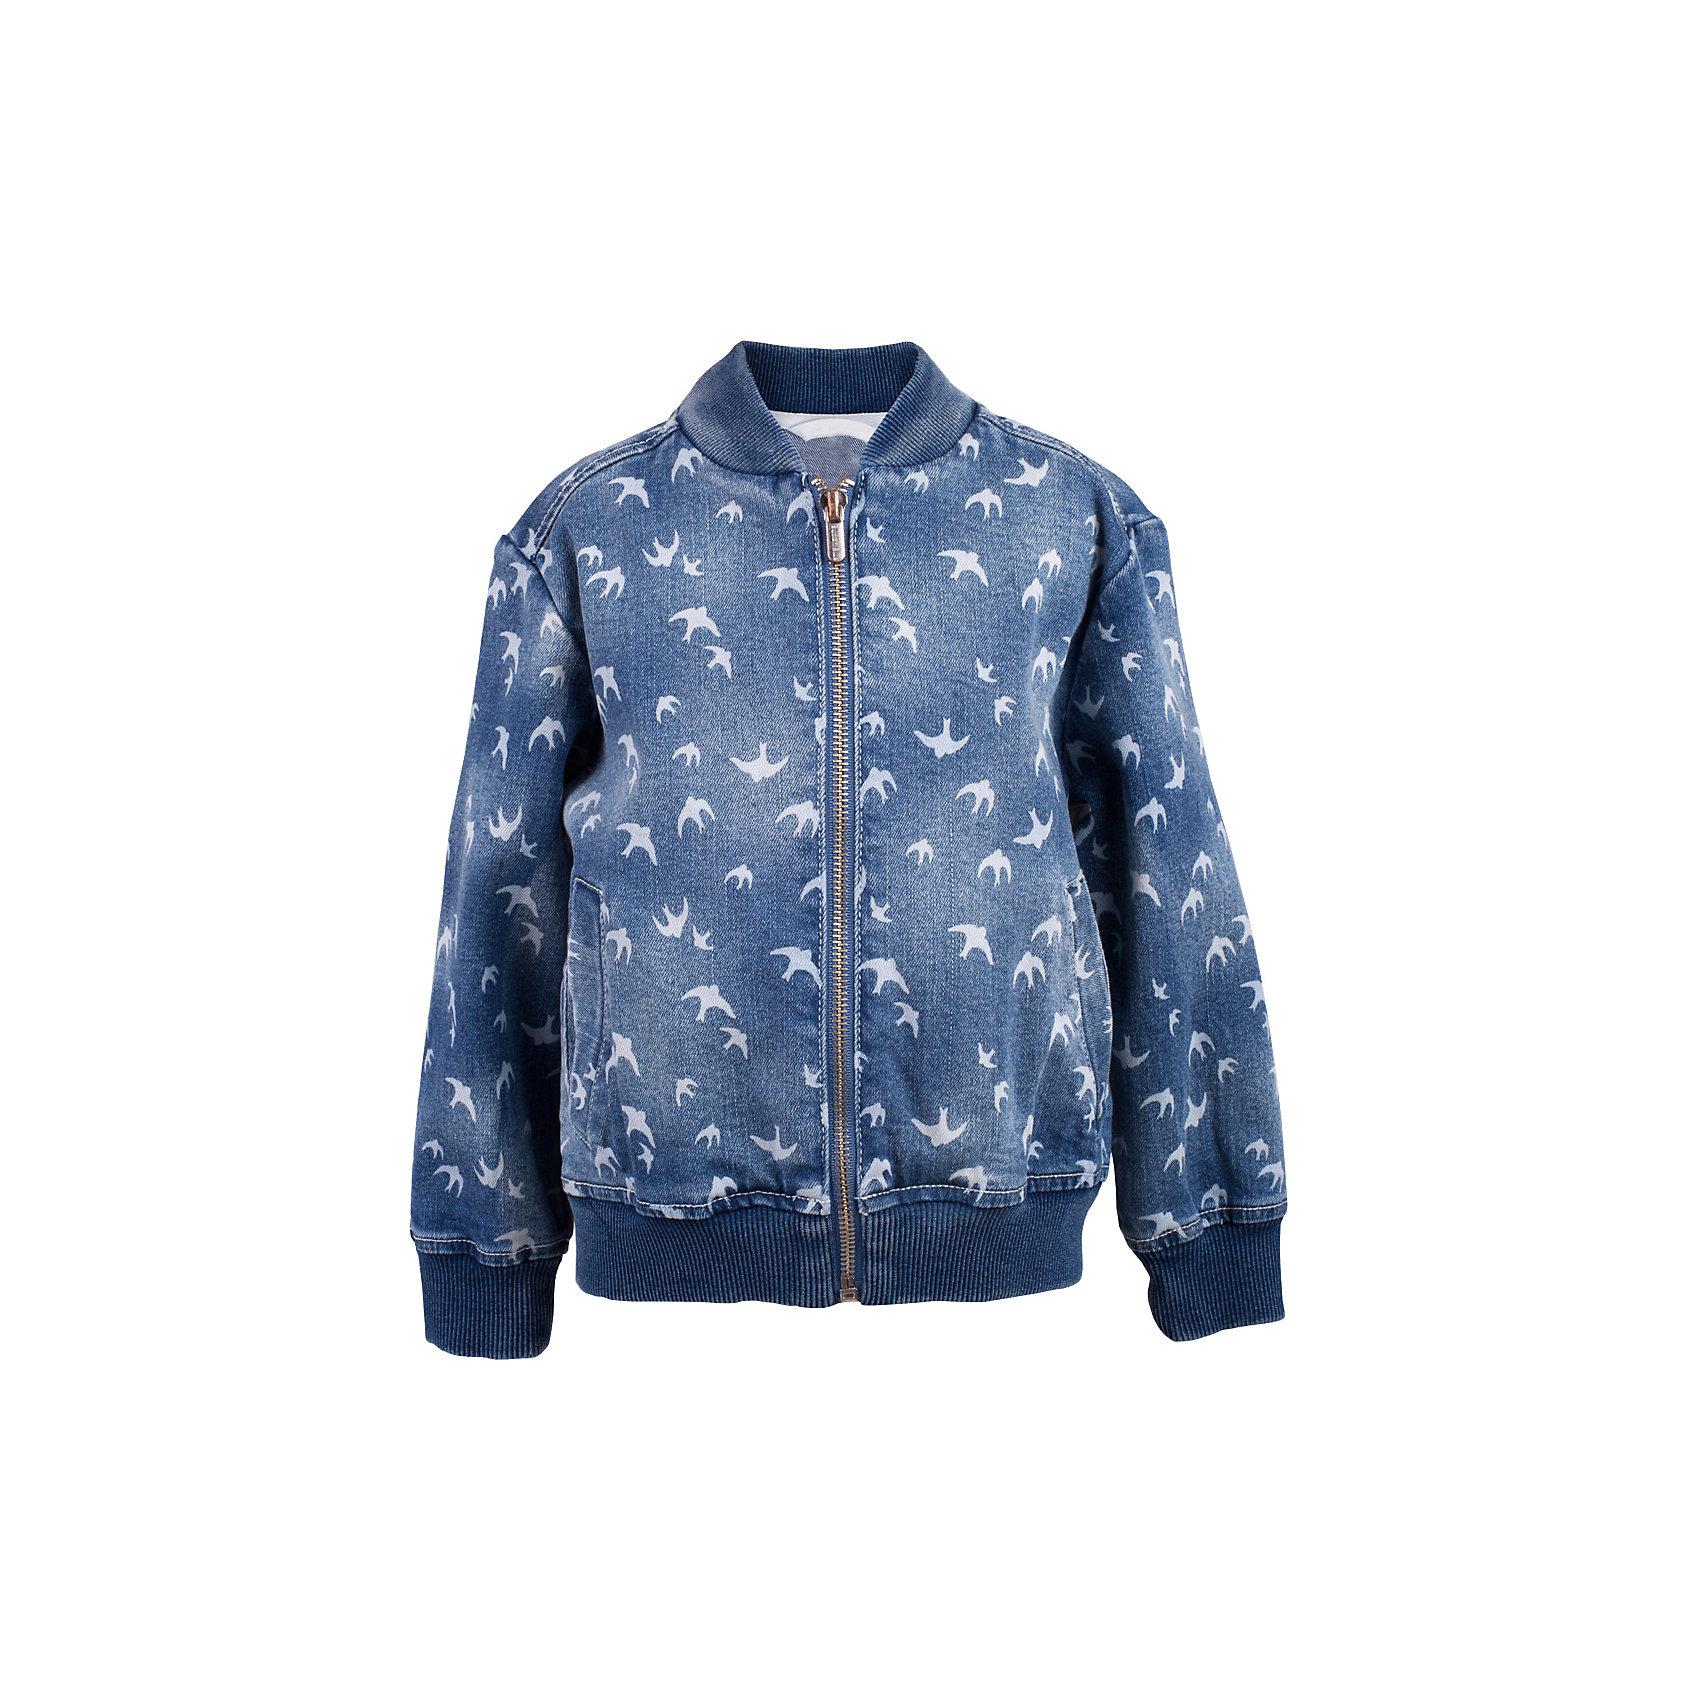 Куртка джинсовая для девочки  BUTTON BLUEВерхняя одежда<br>Куртка джинсовая для девочки  BUTTON BLUE<br>Джинсовая куртка-бомбер для девочки - хит сезона! Прекрасная базовая вещь весеннего-летнего гардероба, джинсовая куртка с рисунком отлично сочетается с платьем, сарафаном, брюками, делая комплект интересным и завершенным. Если вы хотите, чтобы ваш ребенок был в тренде, вам нужно купить джинсовую куртку от Button Blue! Прекрасный внешний вид, высокие потребительские свойства не вызовут сомнений в ее качестве и комфорте. Низкая цена не окажет влияния на бюджет семьи, позволив создать модный гардероб для долгожданных каникул!<br>Состав:<br>99% хлопок 1%эластан<br><br>Ширина мм: 356<br>Глубина мм: 10<br>Высота мм: 245<br>Вес г: 519<br>Цвет: голубой<br>Возраст от месяцев: 144<br>Возраст до месяцев: 156<br>Пол: Женский<br>Возраст: Детский<br>Размер: 158,98,104,110,116,122,128,134<br>SKU: 5523424